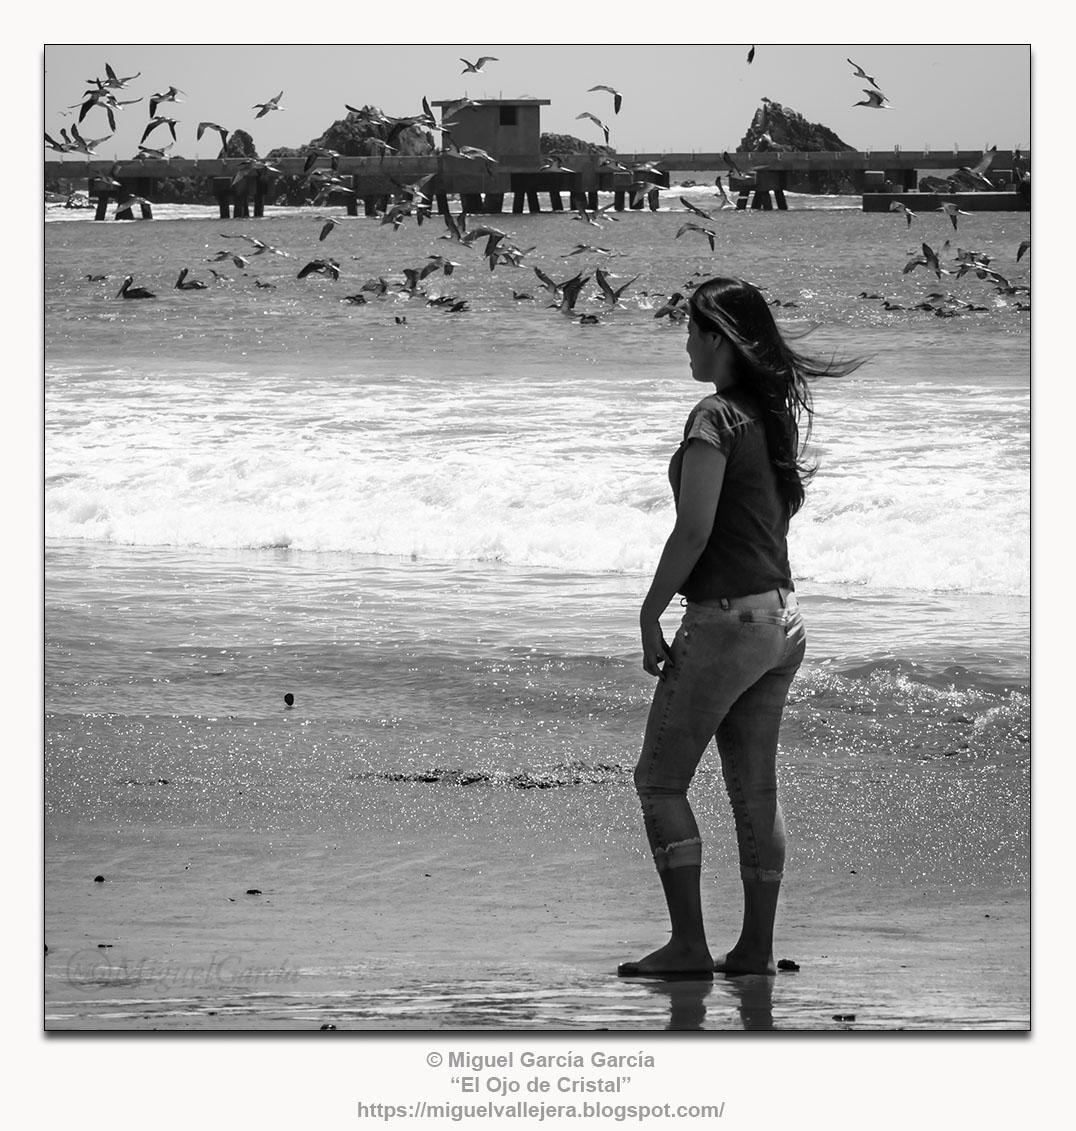 Yacila: Días de Sol y playa